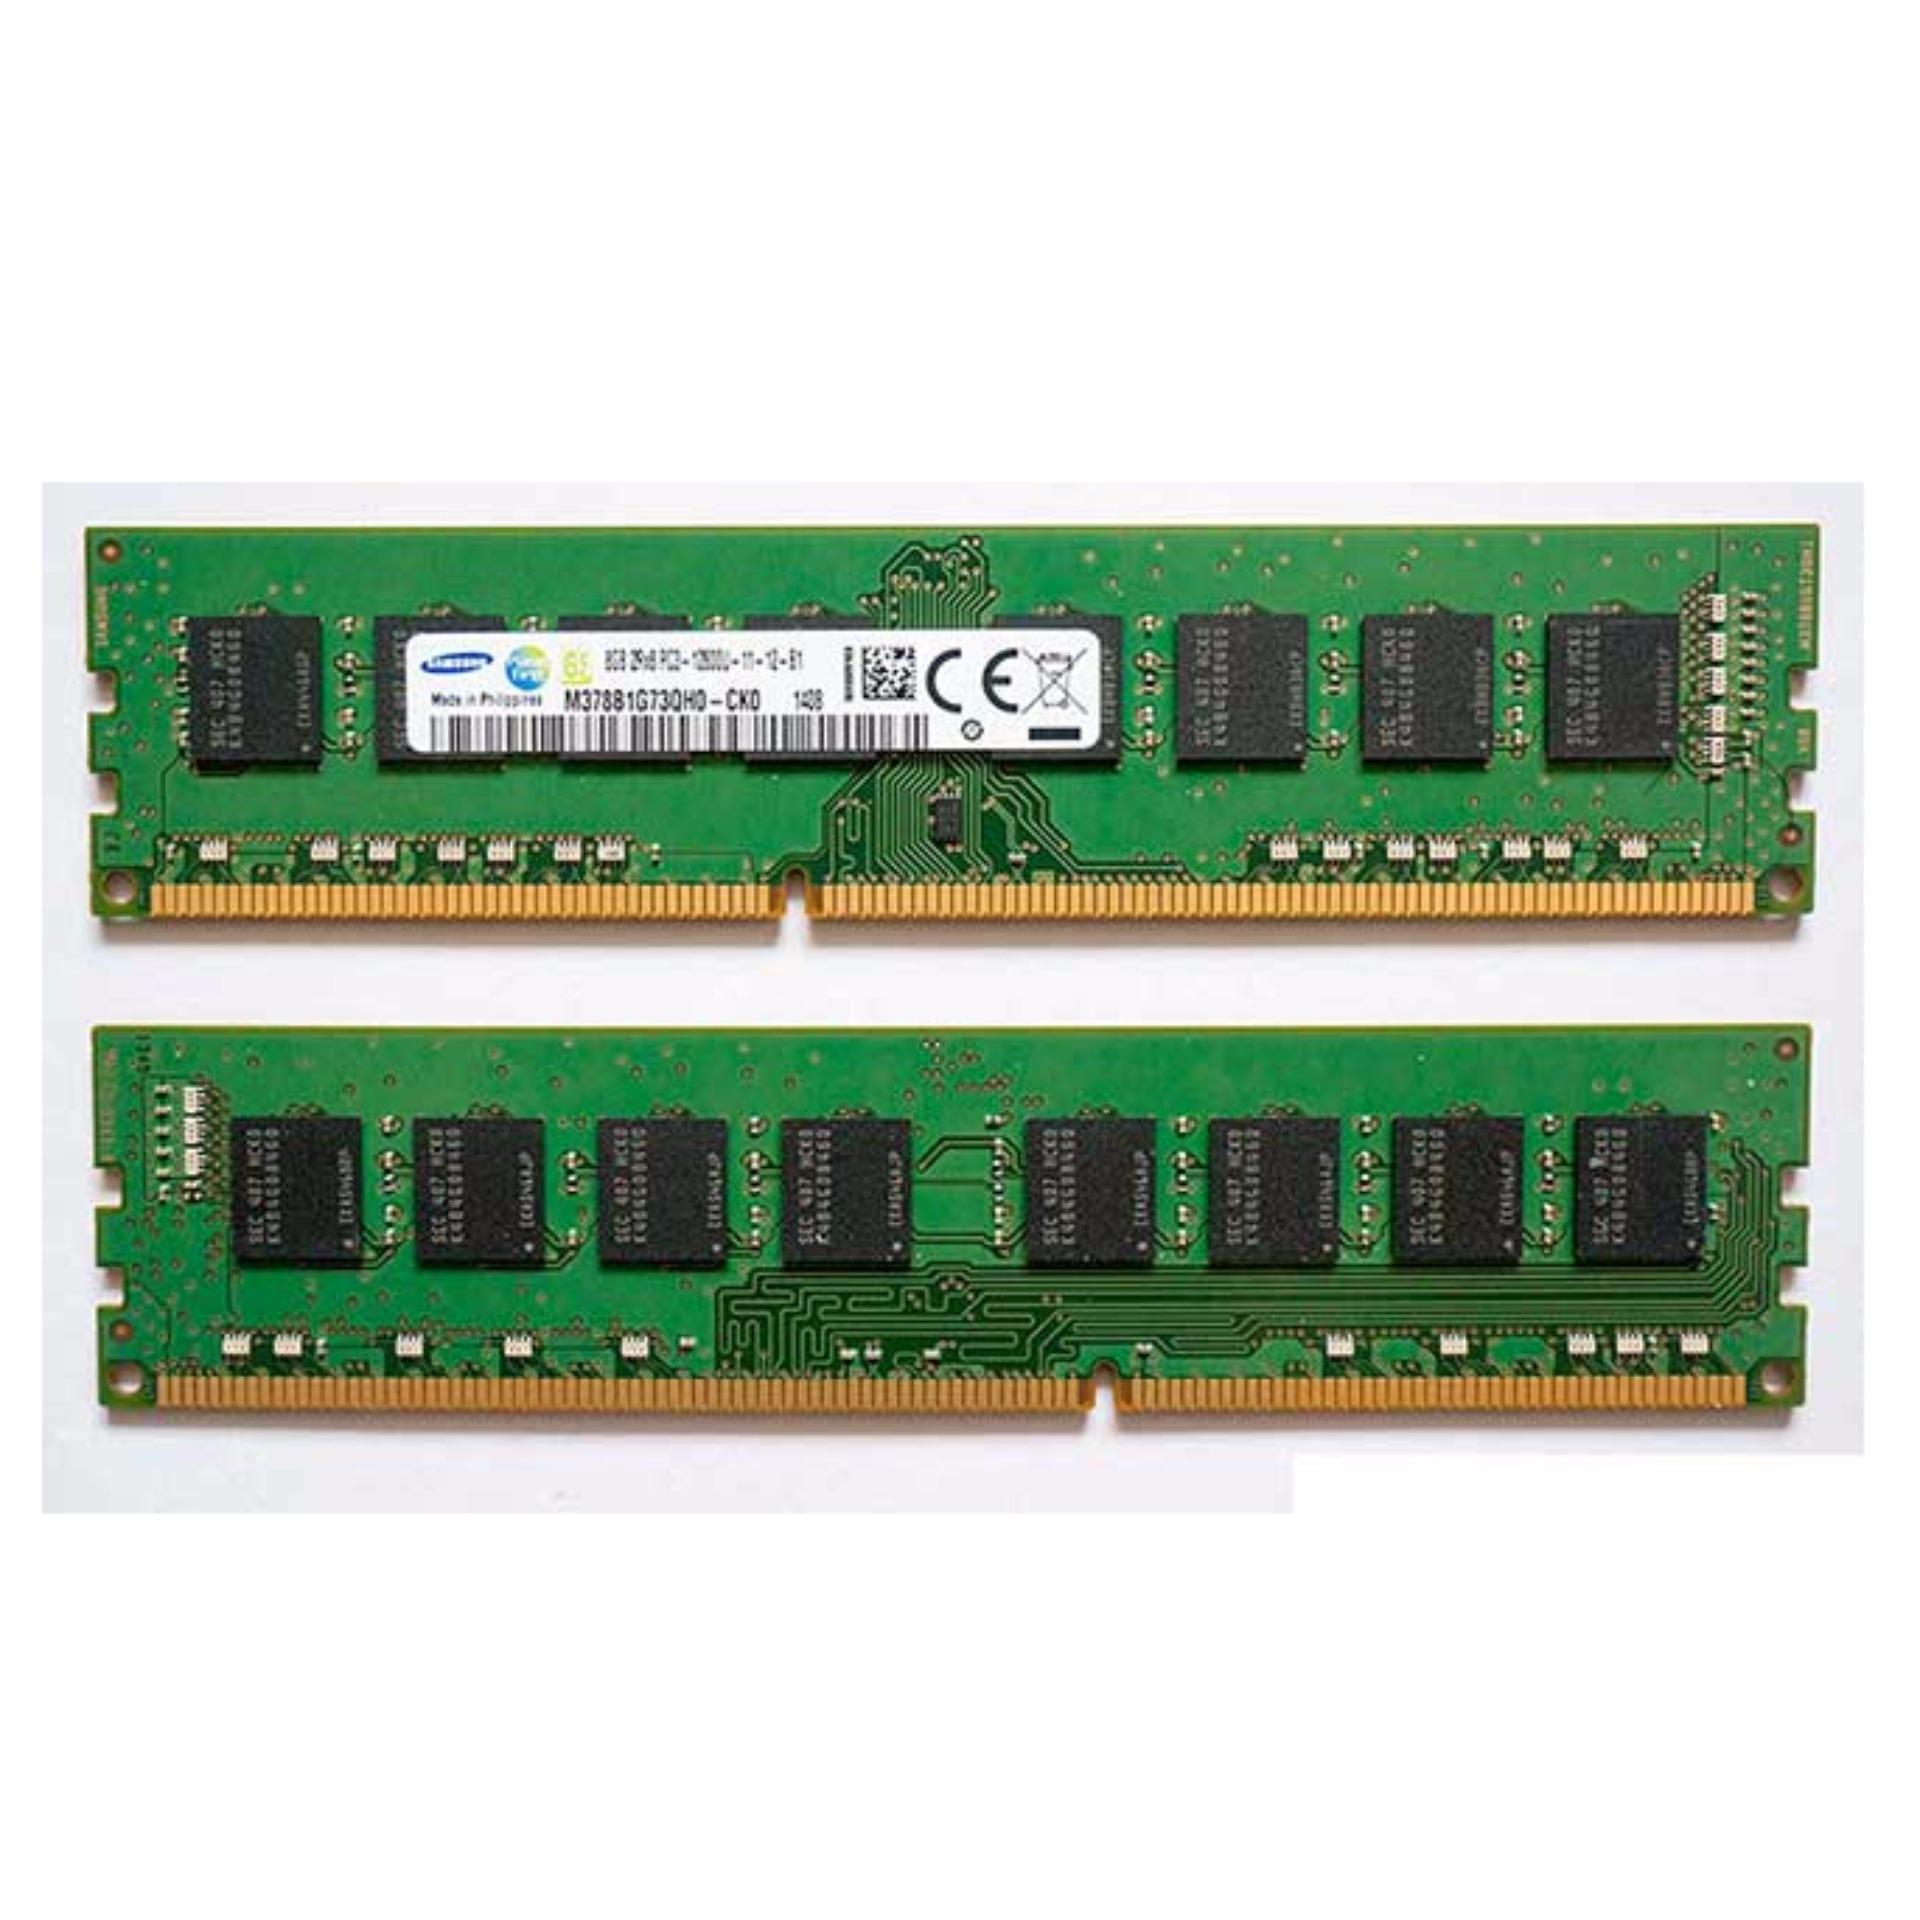 RAM máy tính để bàn DDR3 2GB bus 1333 Mhz (Xanh Lá) - Hàng Nhập Khẩu RA 174